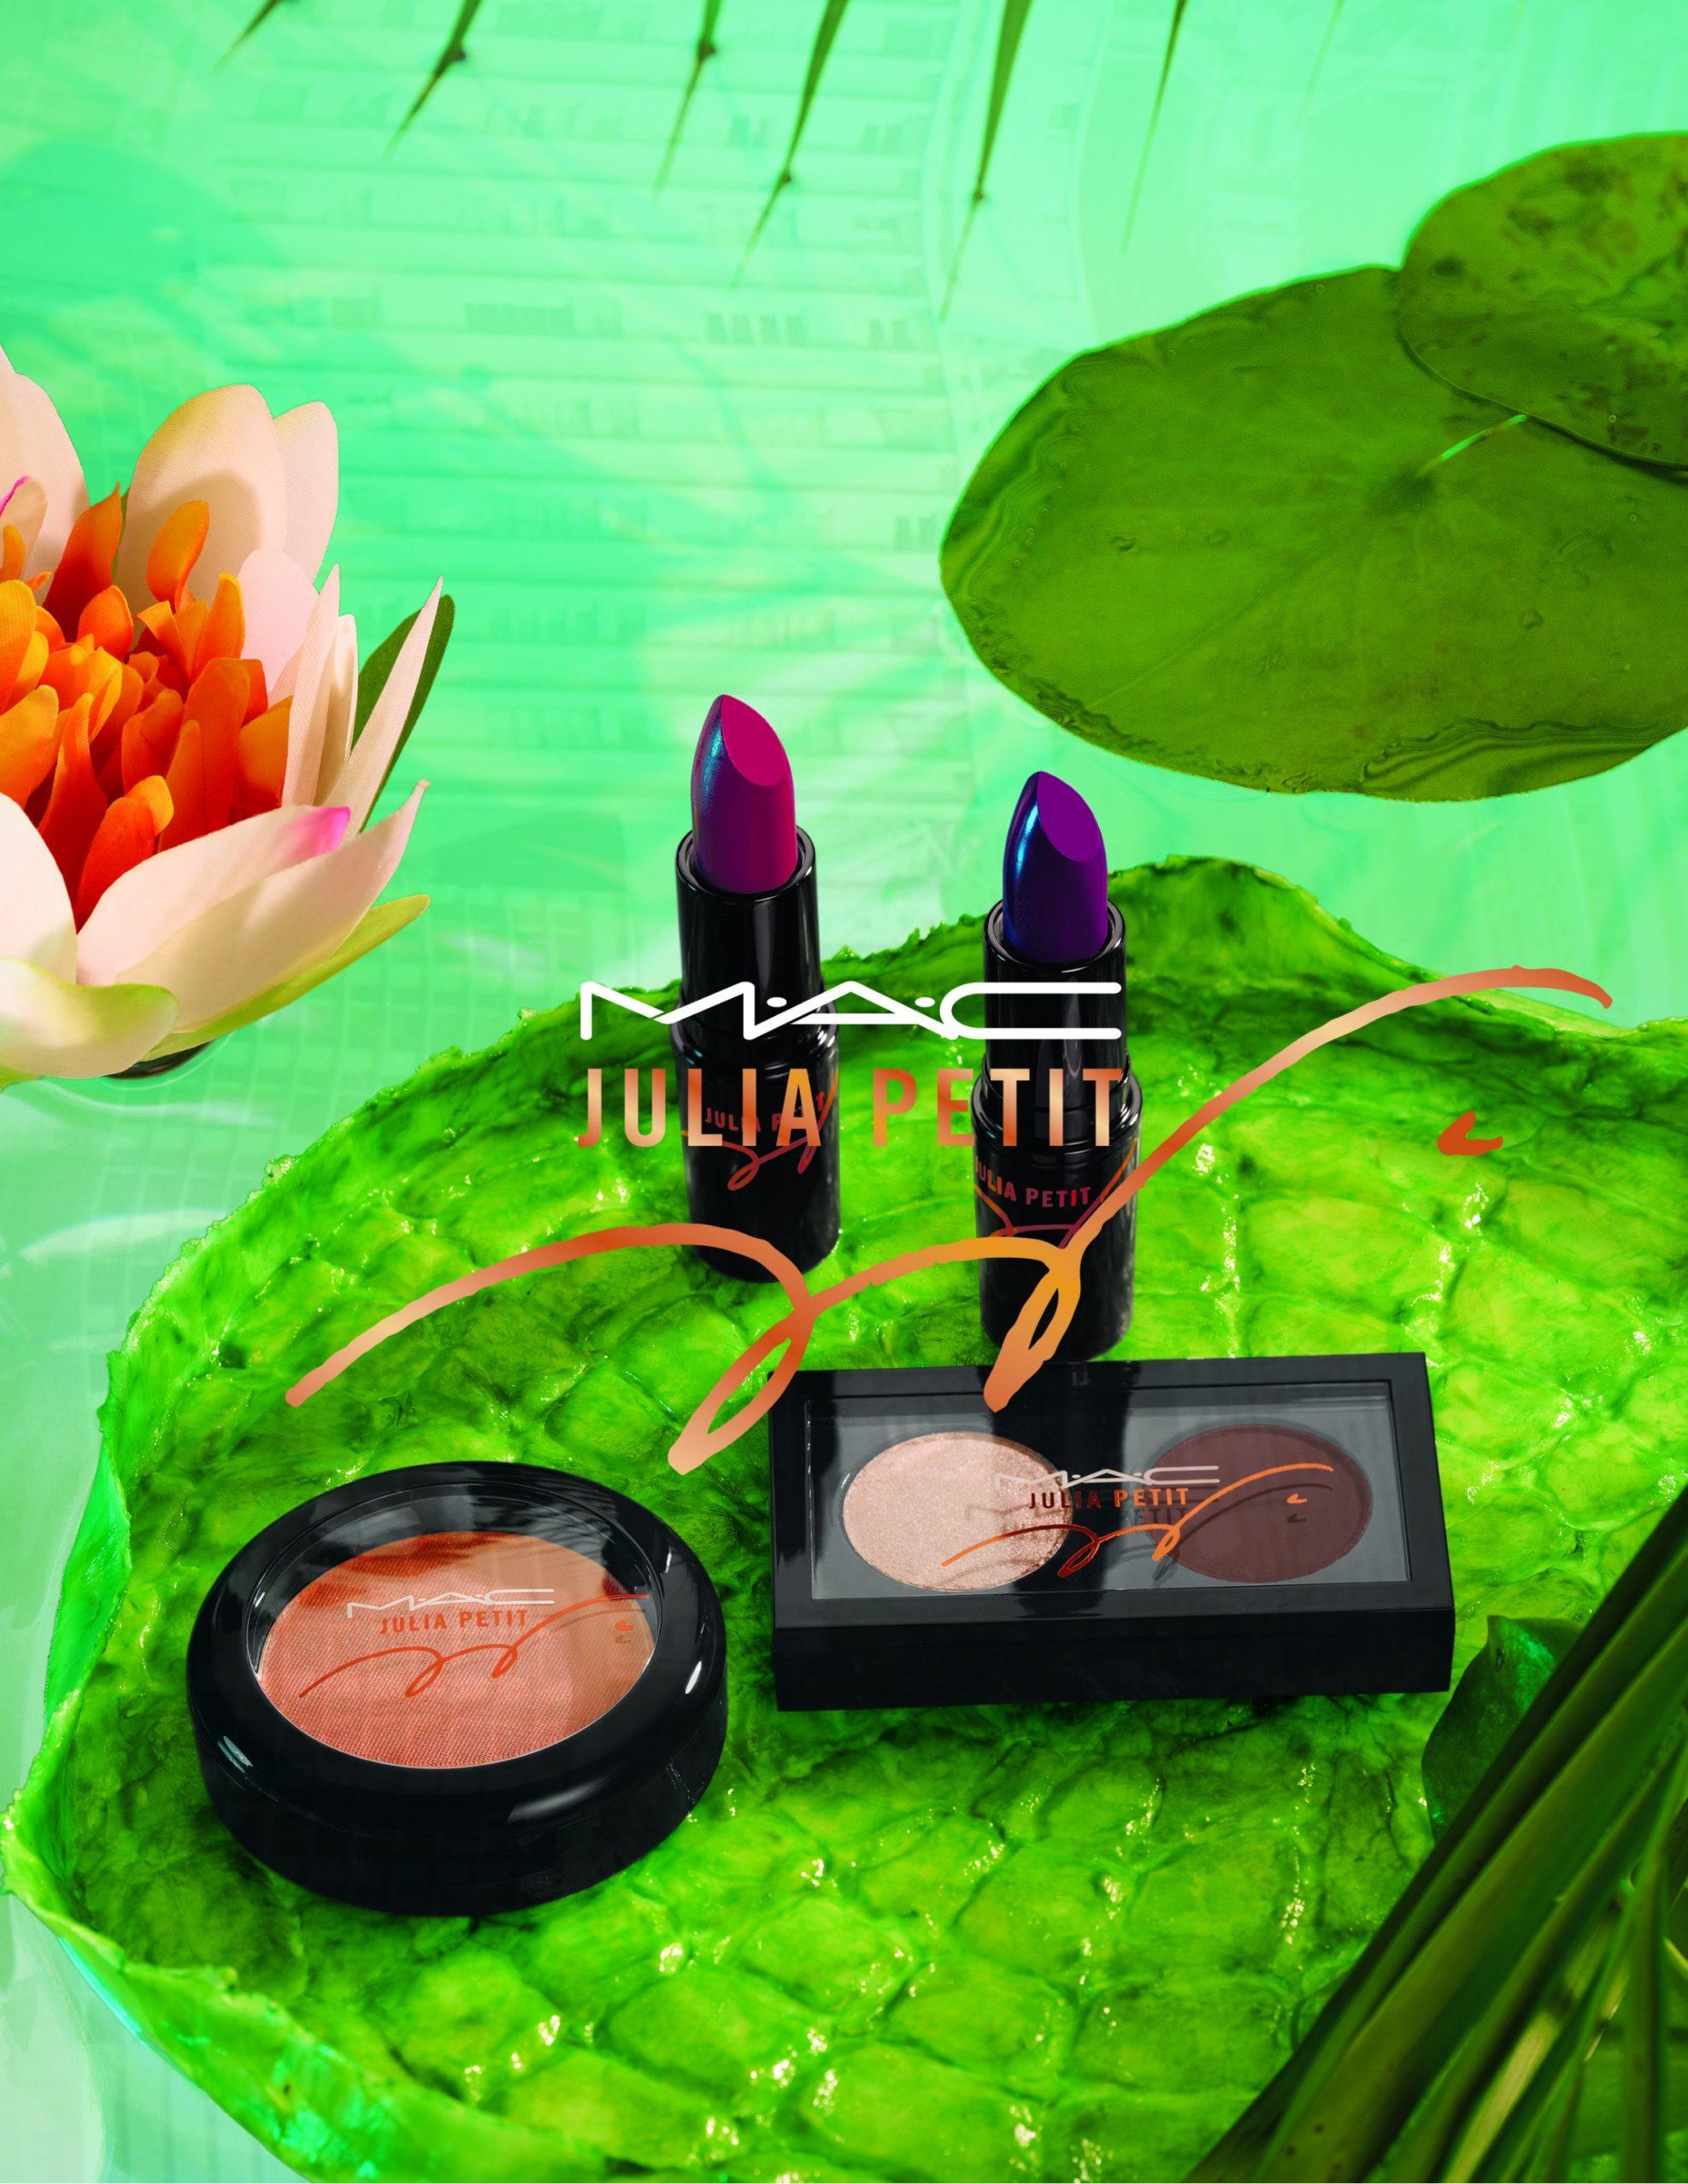 julia produtos